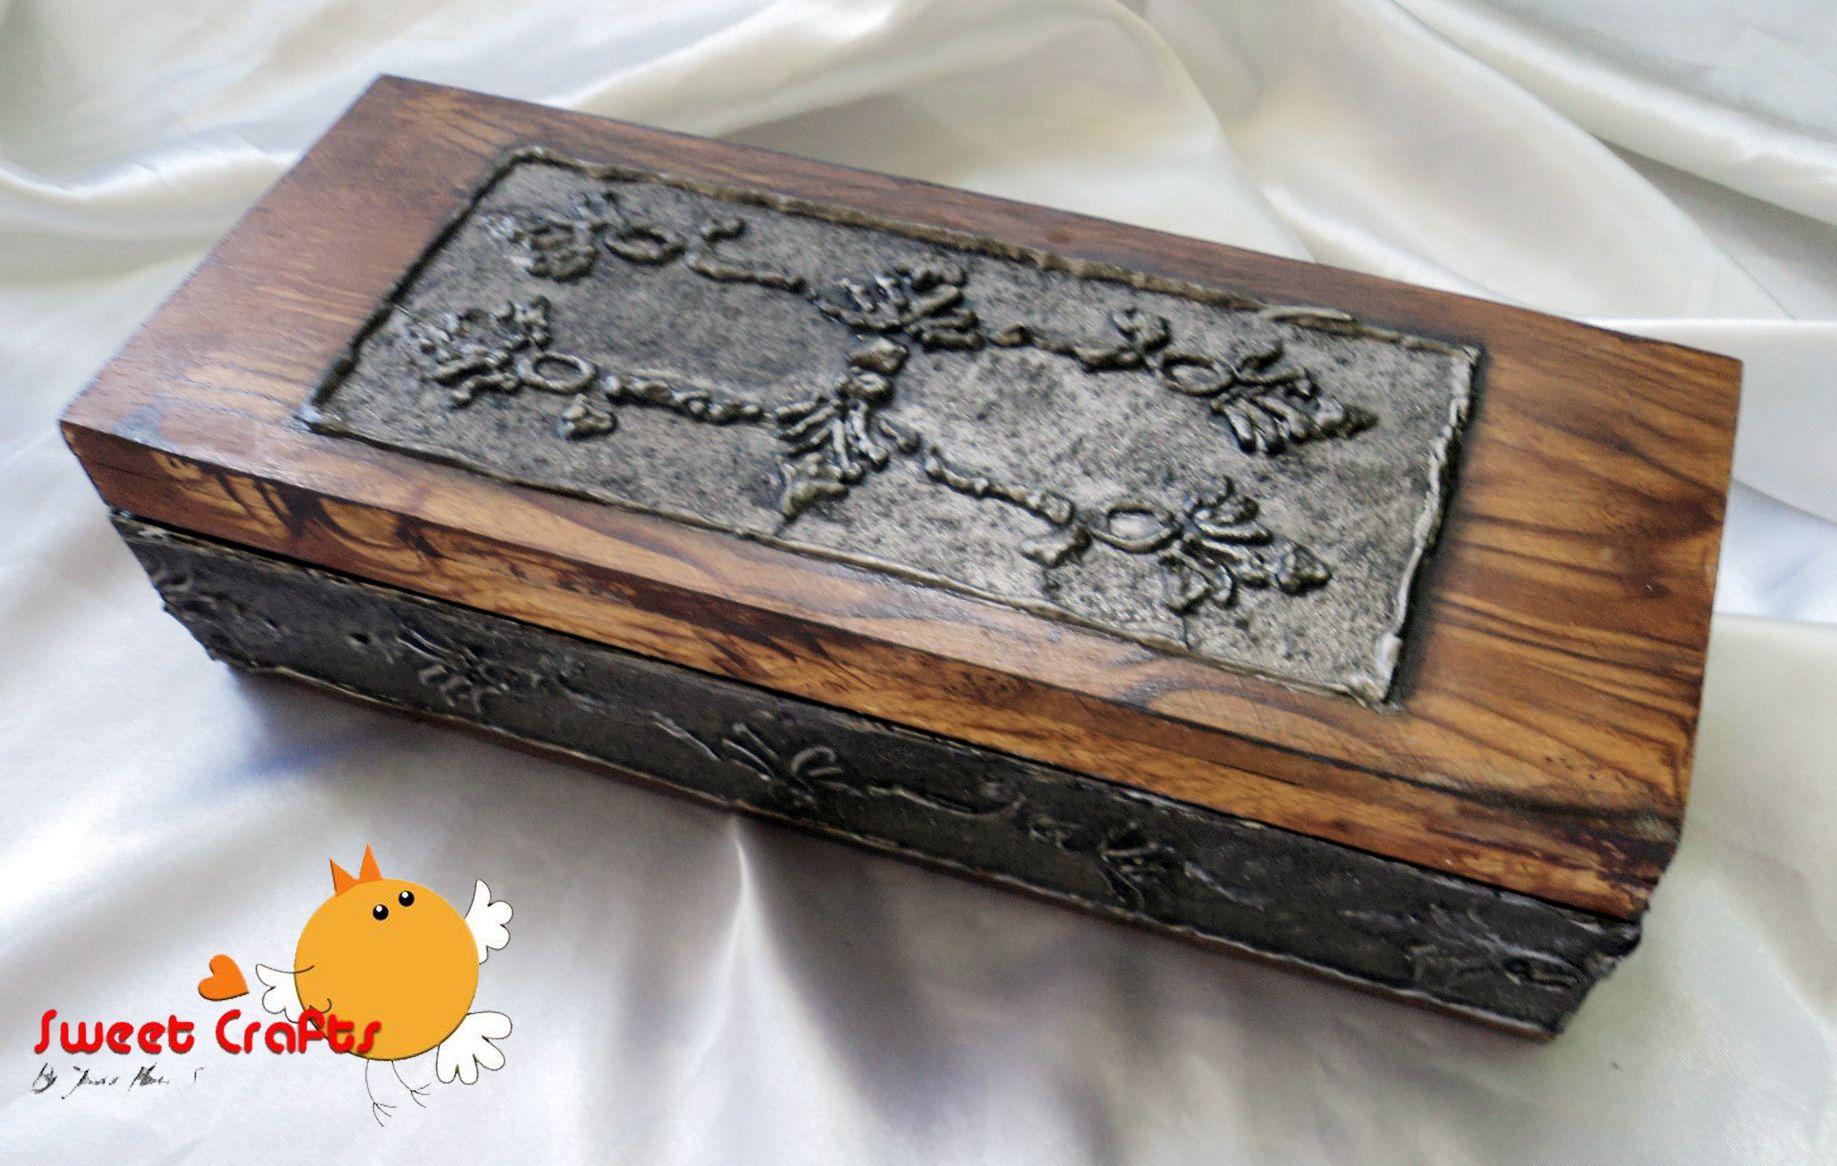 $15  Caja con repujado  Estilo de una caja antigua con imitacion de repujado